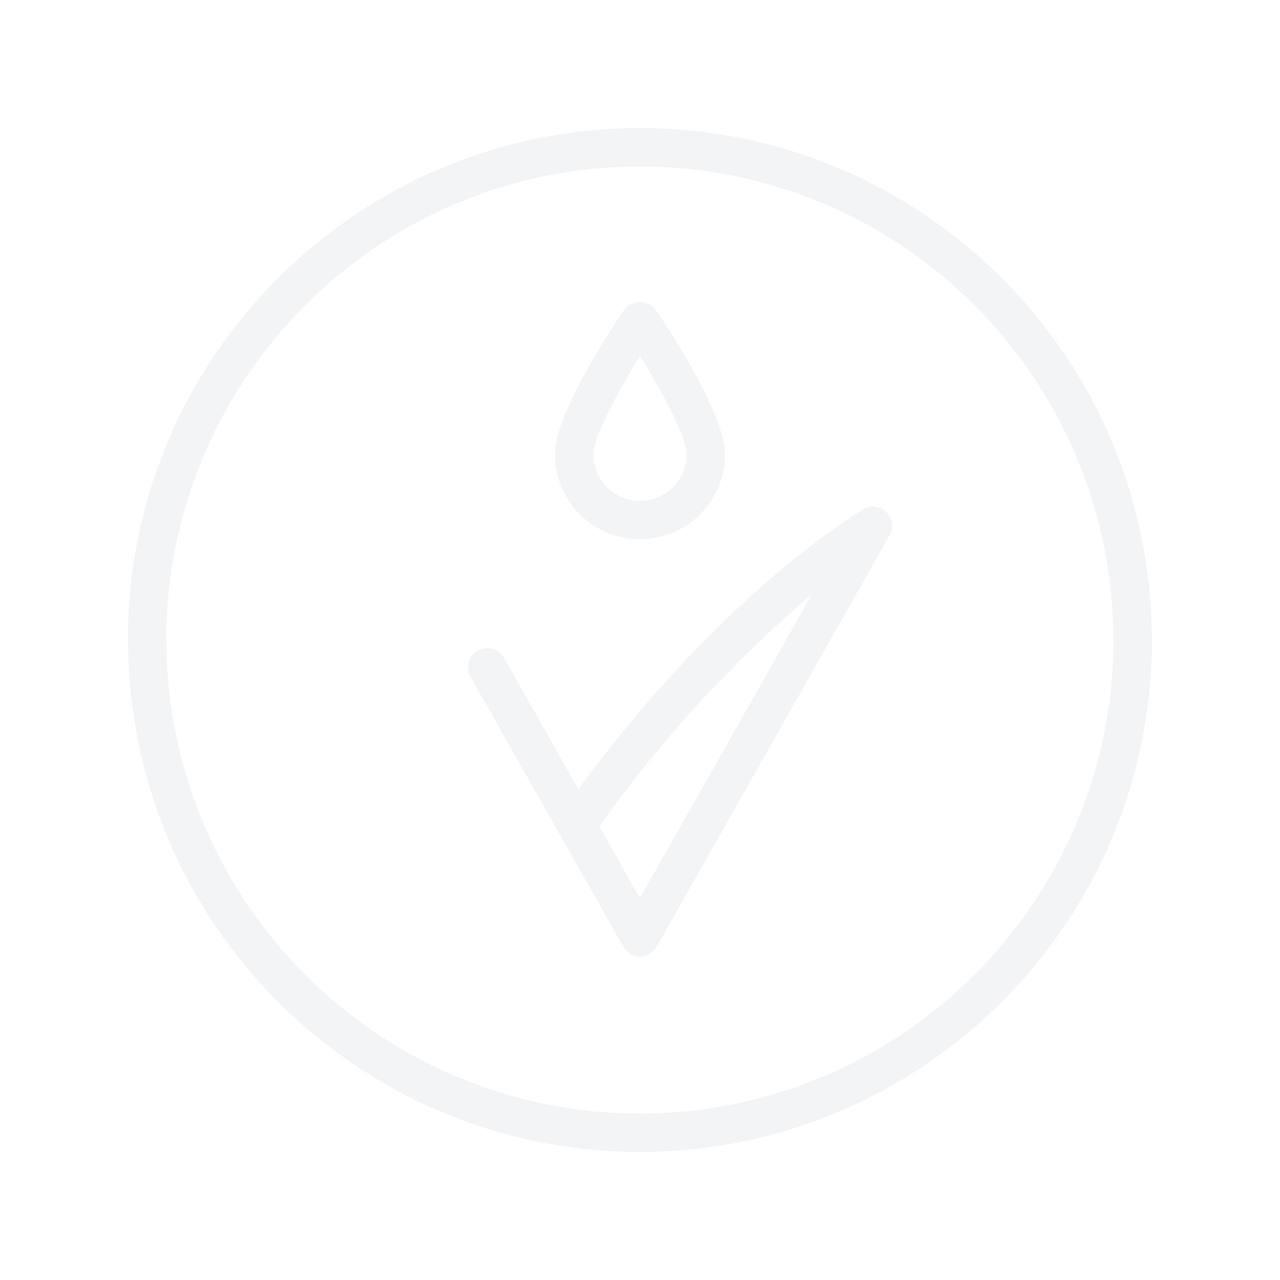 WELLA PROFESSIONALS Invigo Color Brilliance Mask (Coarse Hair)